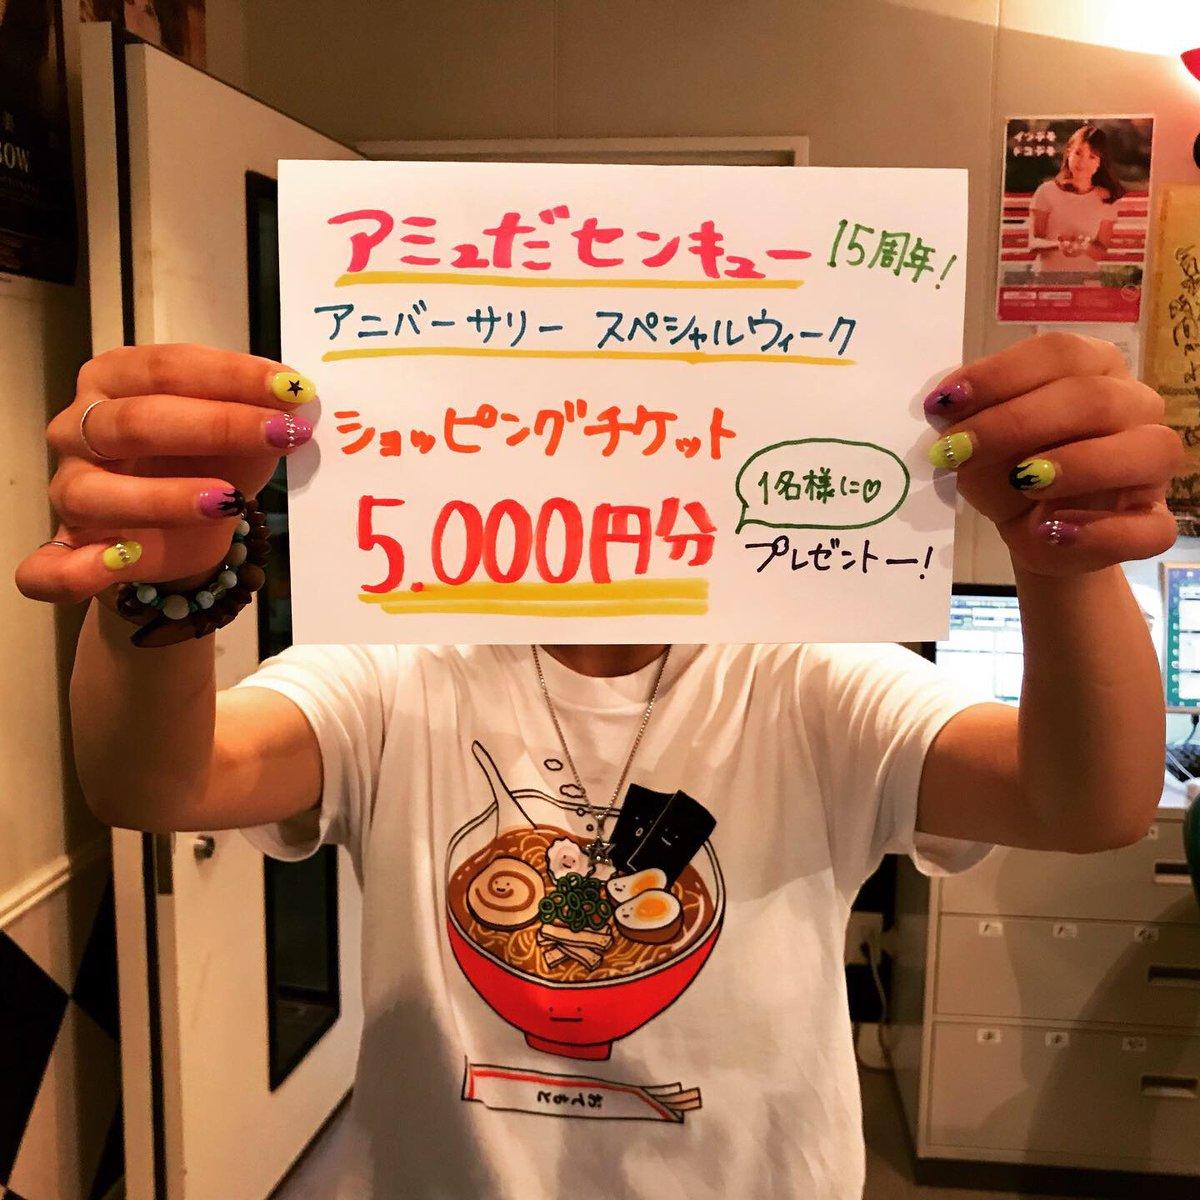 ナッツです! 今日のテーマは!!! 『お買い物』 皆さんのお買い物エピソードを お待ちしています♪ . そしてなんと今週は! 「アミュだセンキュー 15周年  アニーバーサリー スペシャルウィーク」 ということで、 アミュプラザ鹿児島より 『ショッピングチケット 5,000円』を1名様にプレゼント!